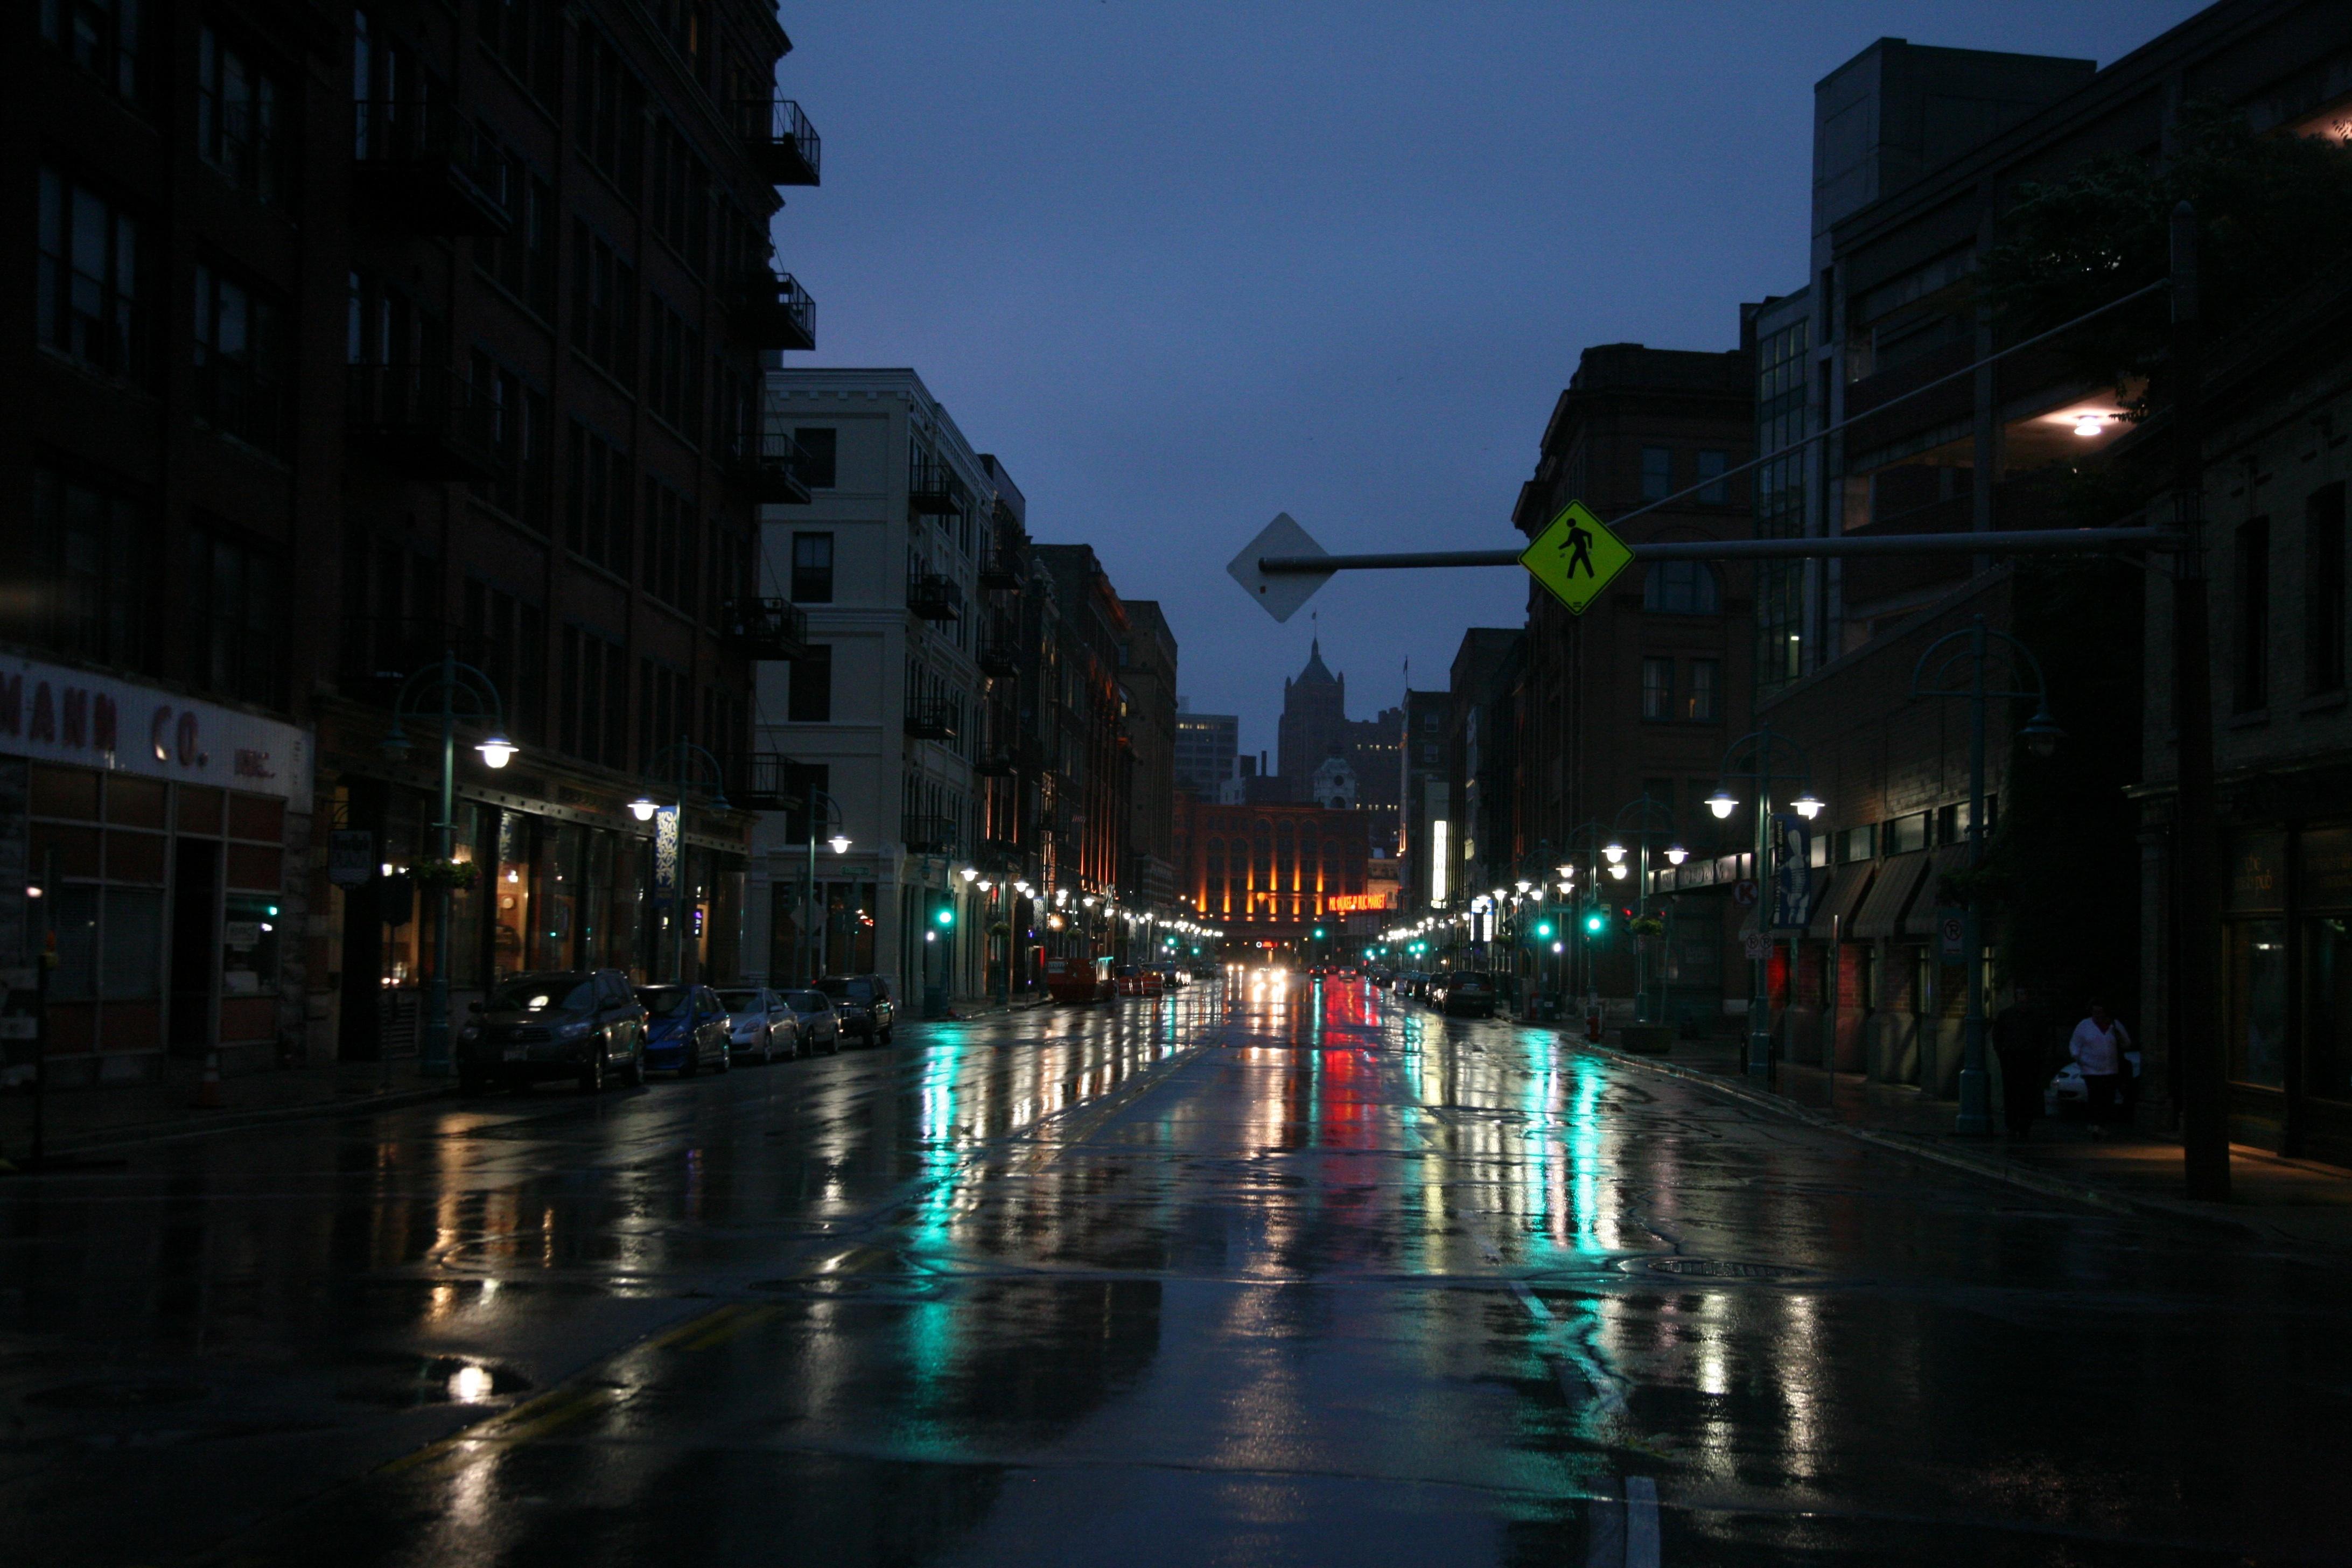 картинки на рабочий стол ночь дождь